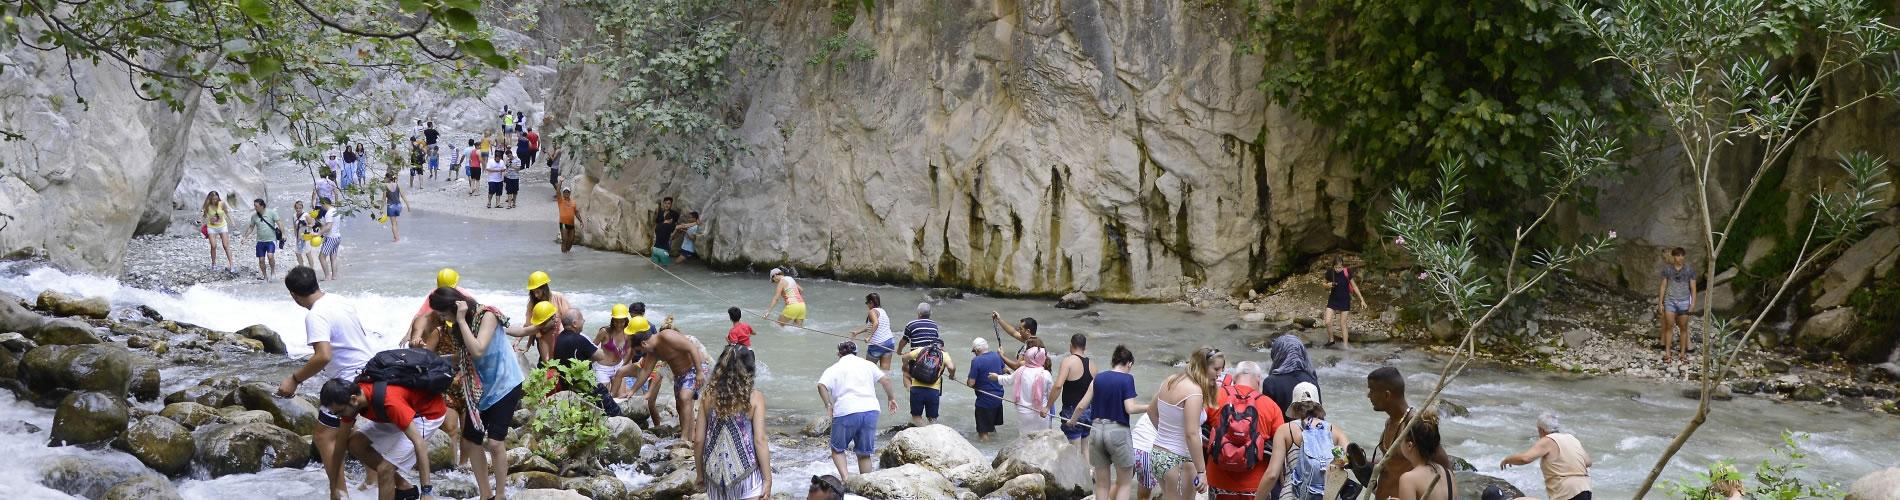 Saklıkent kanyonu, Saklıkent hakkında bilgiler ve fotoğraflar